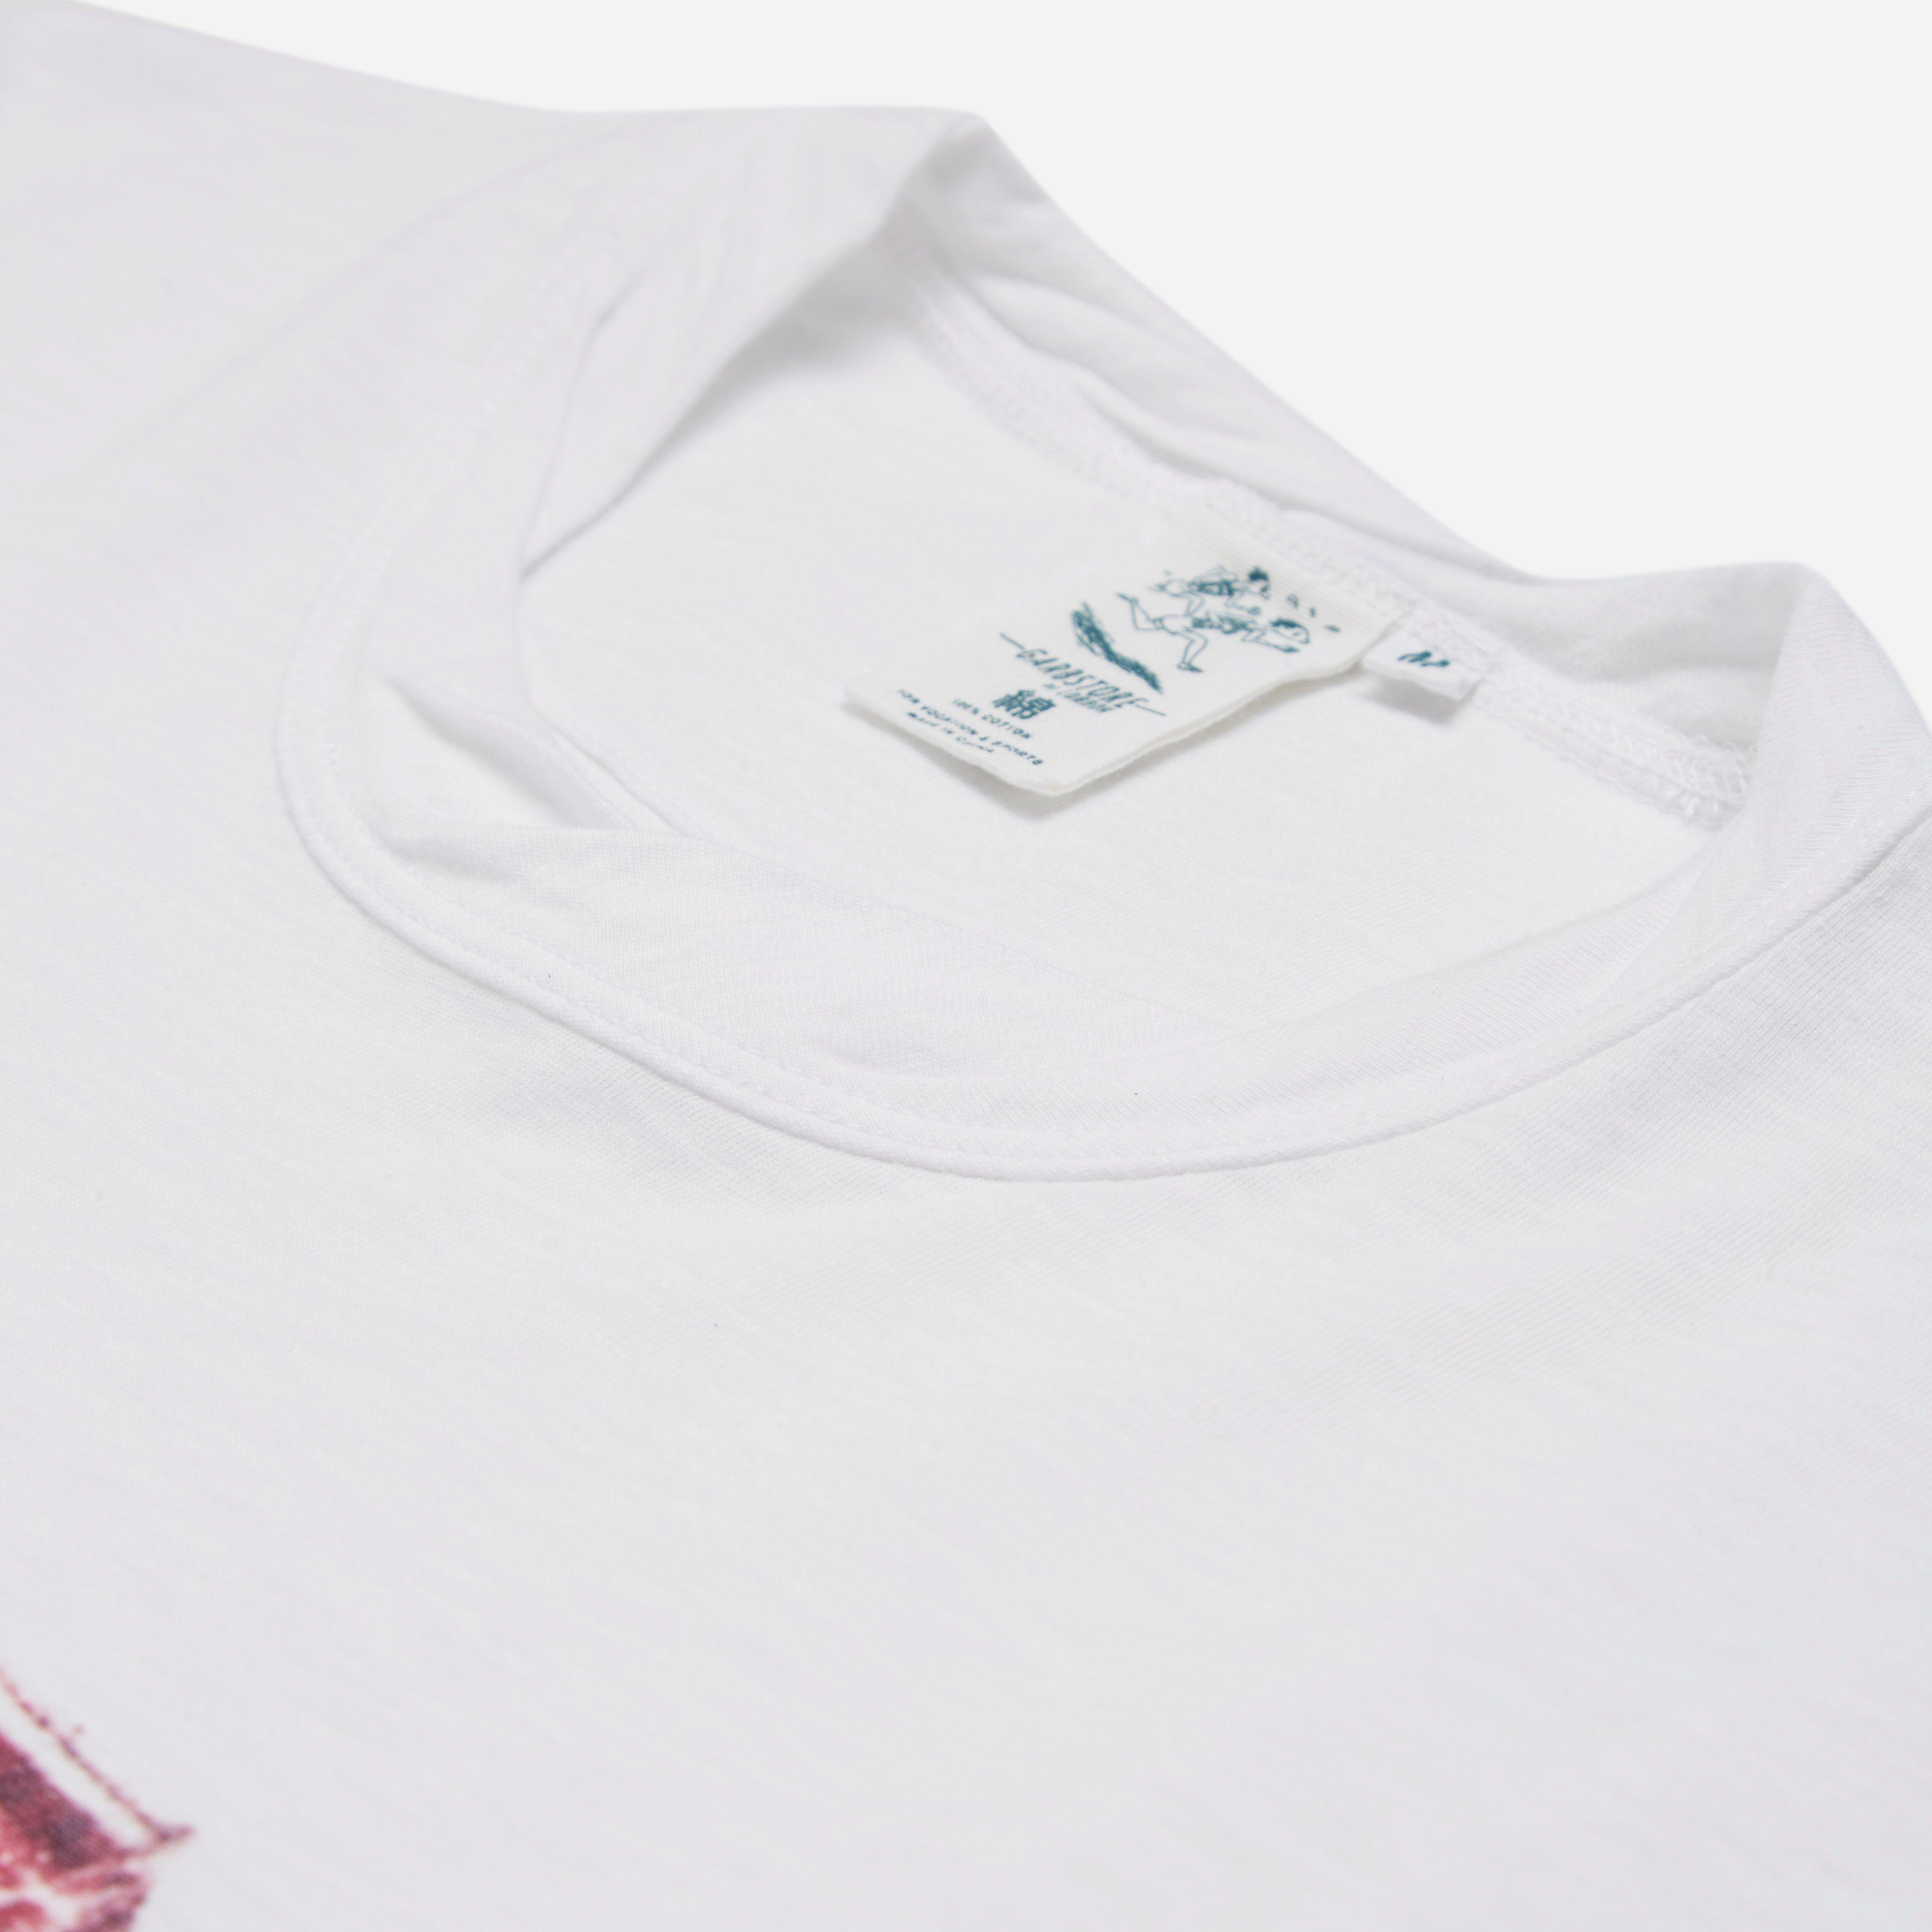 Garbstore Kenneth Mckenzie Decade T-shirt